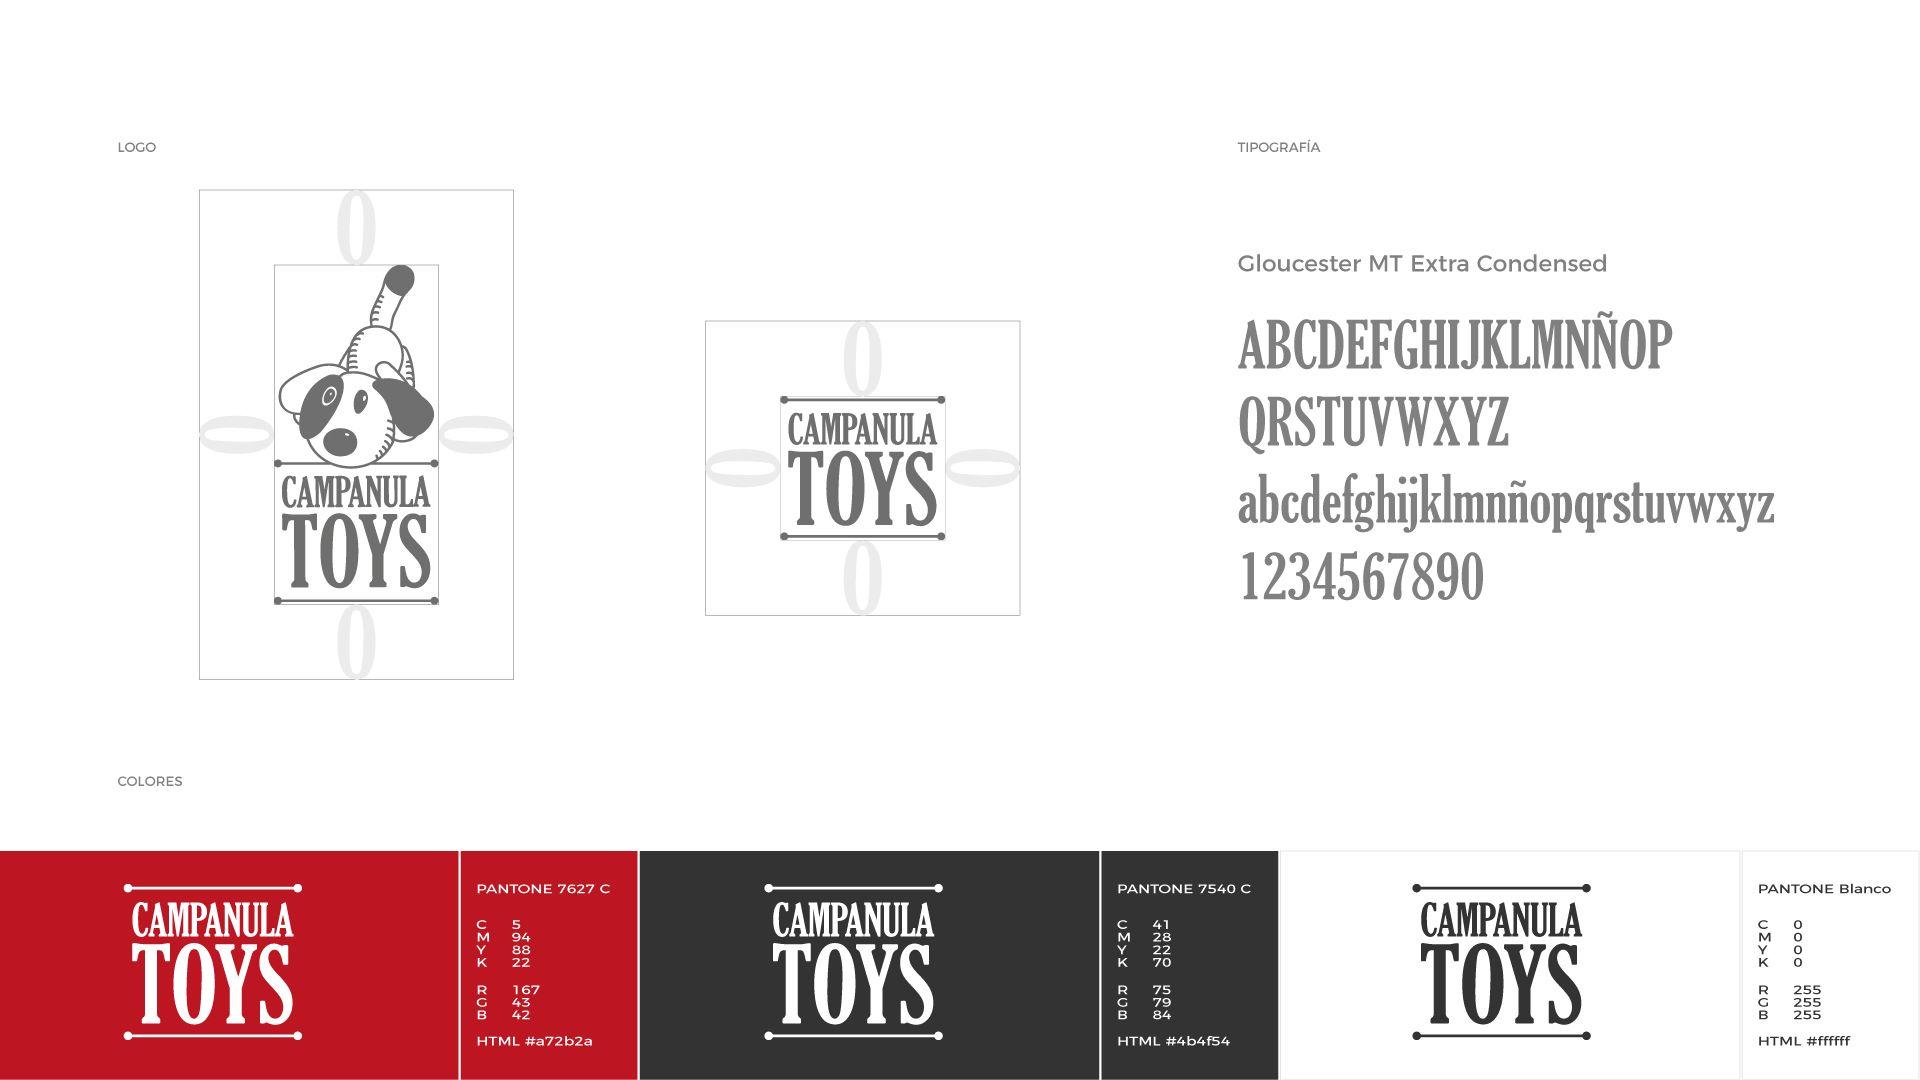 Campanula Toys construcción del logo